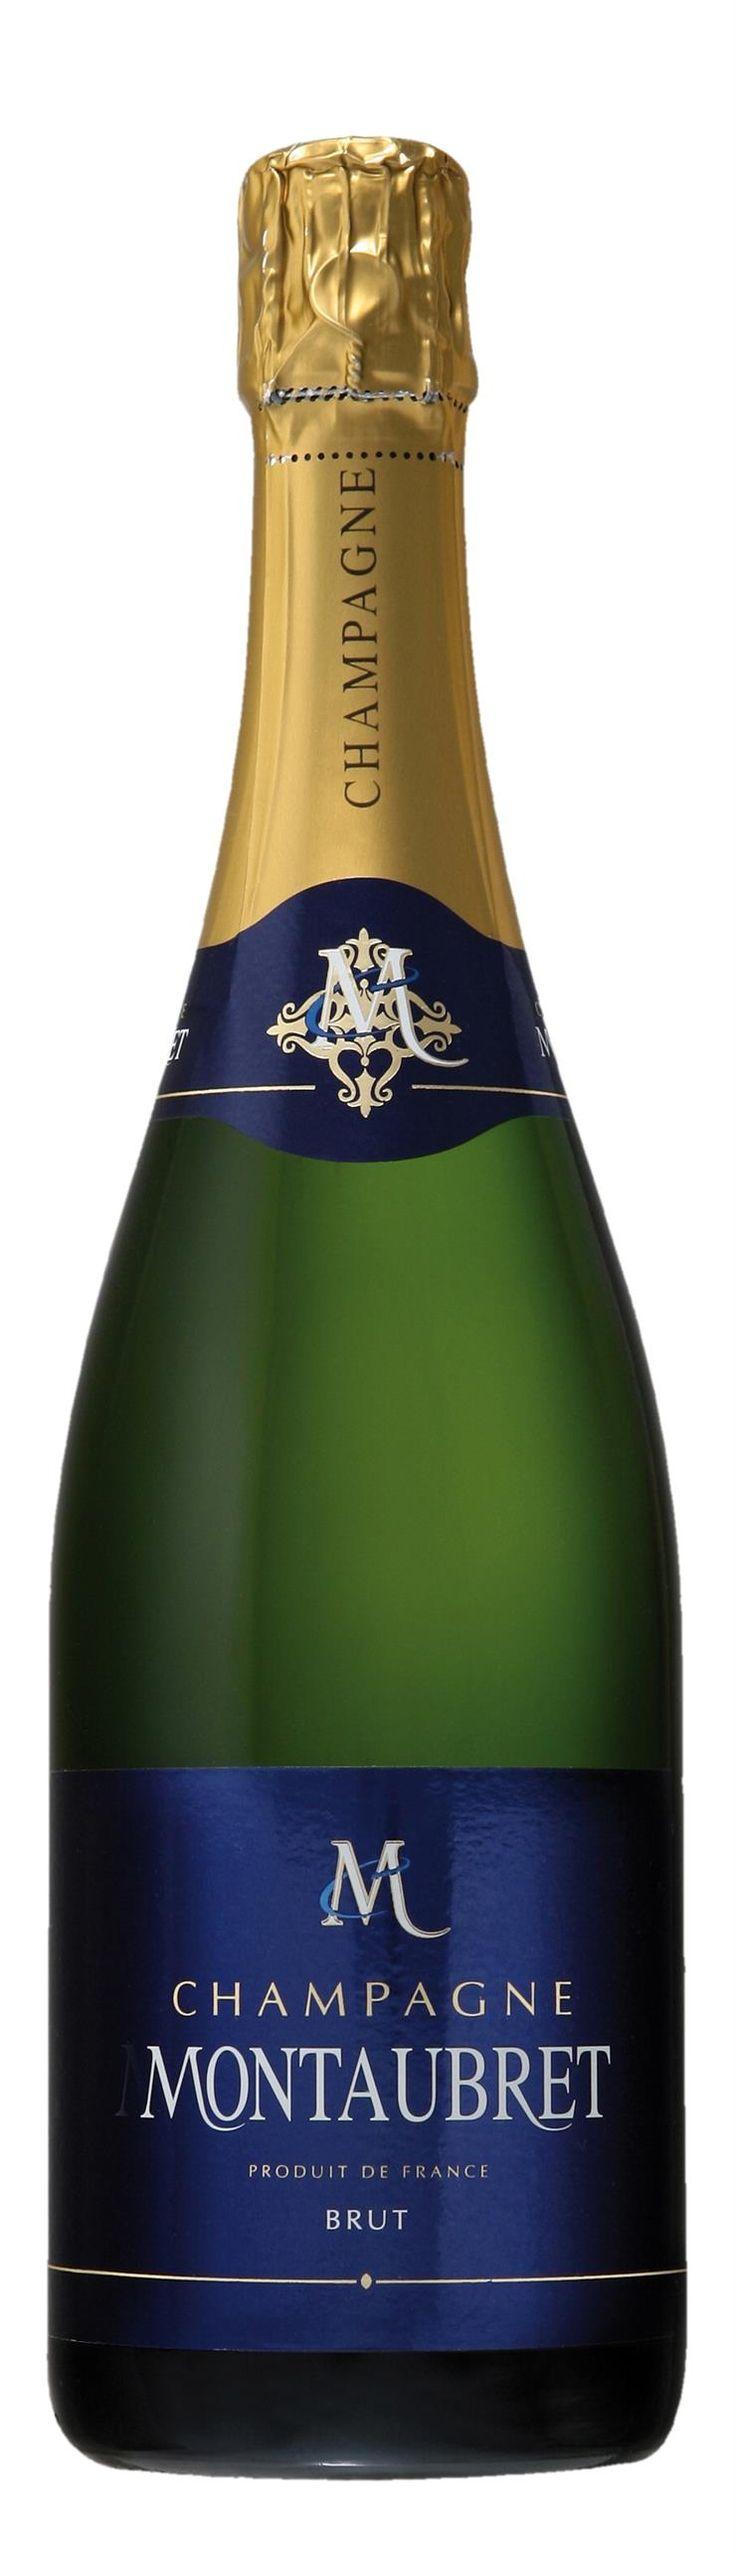 Montaubret Champagne Brut. France: Pinot noir. 22,90 €, Erittäin kuiva, hapokas, sitruksinen, viheromenainen, kevyen yrttinen, mineraalinen